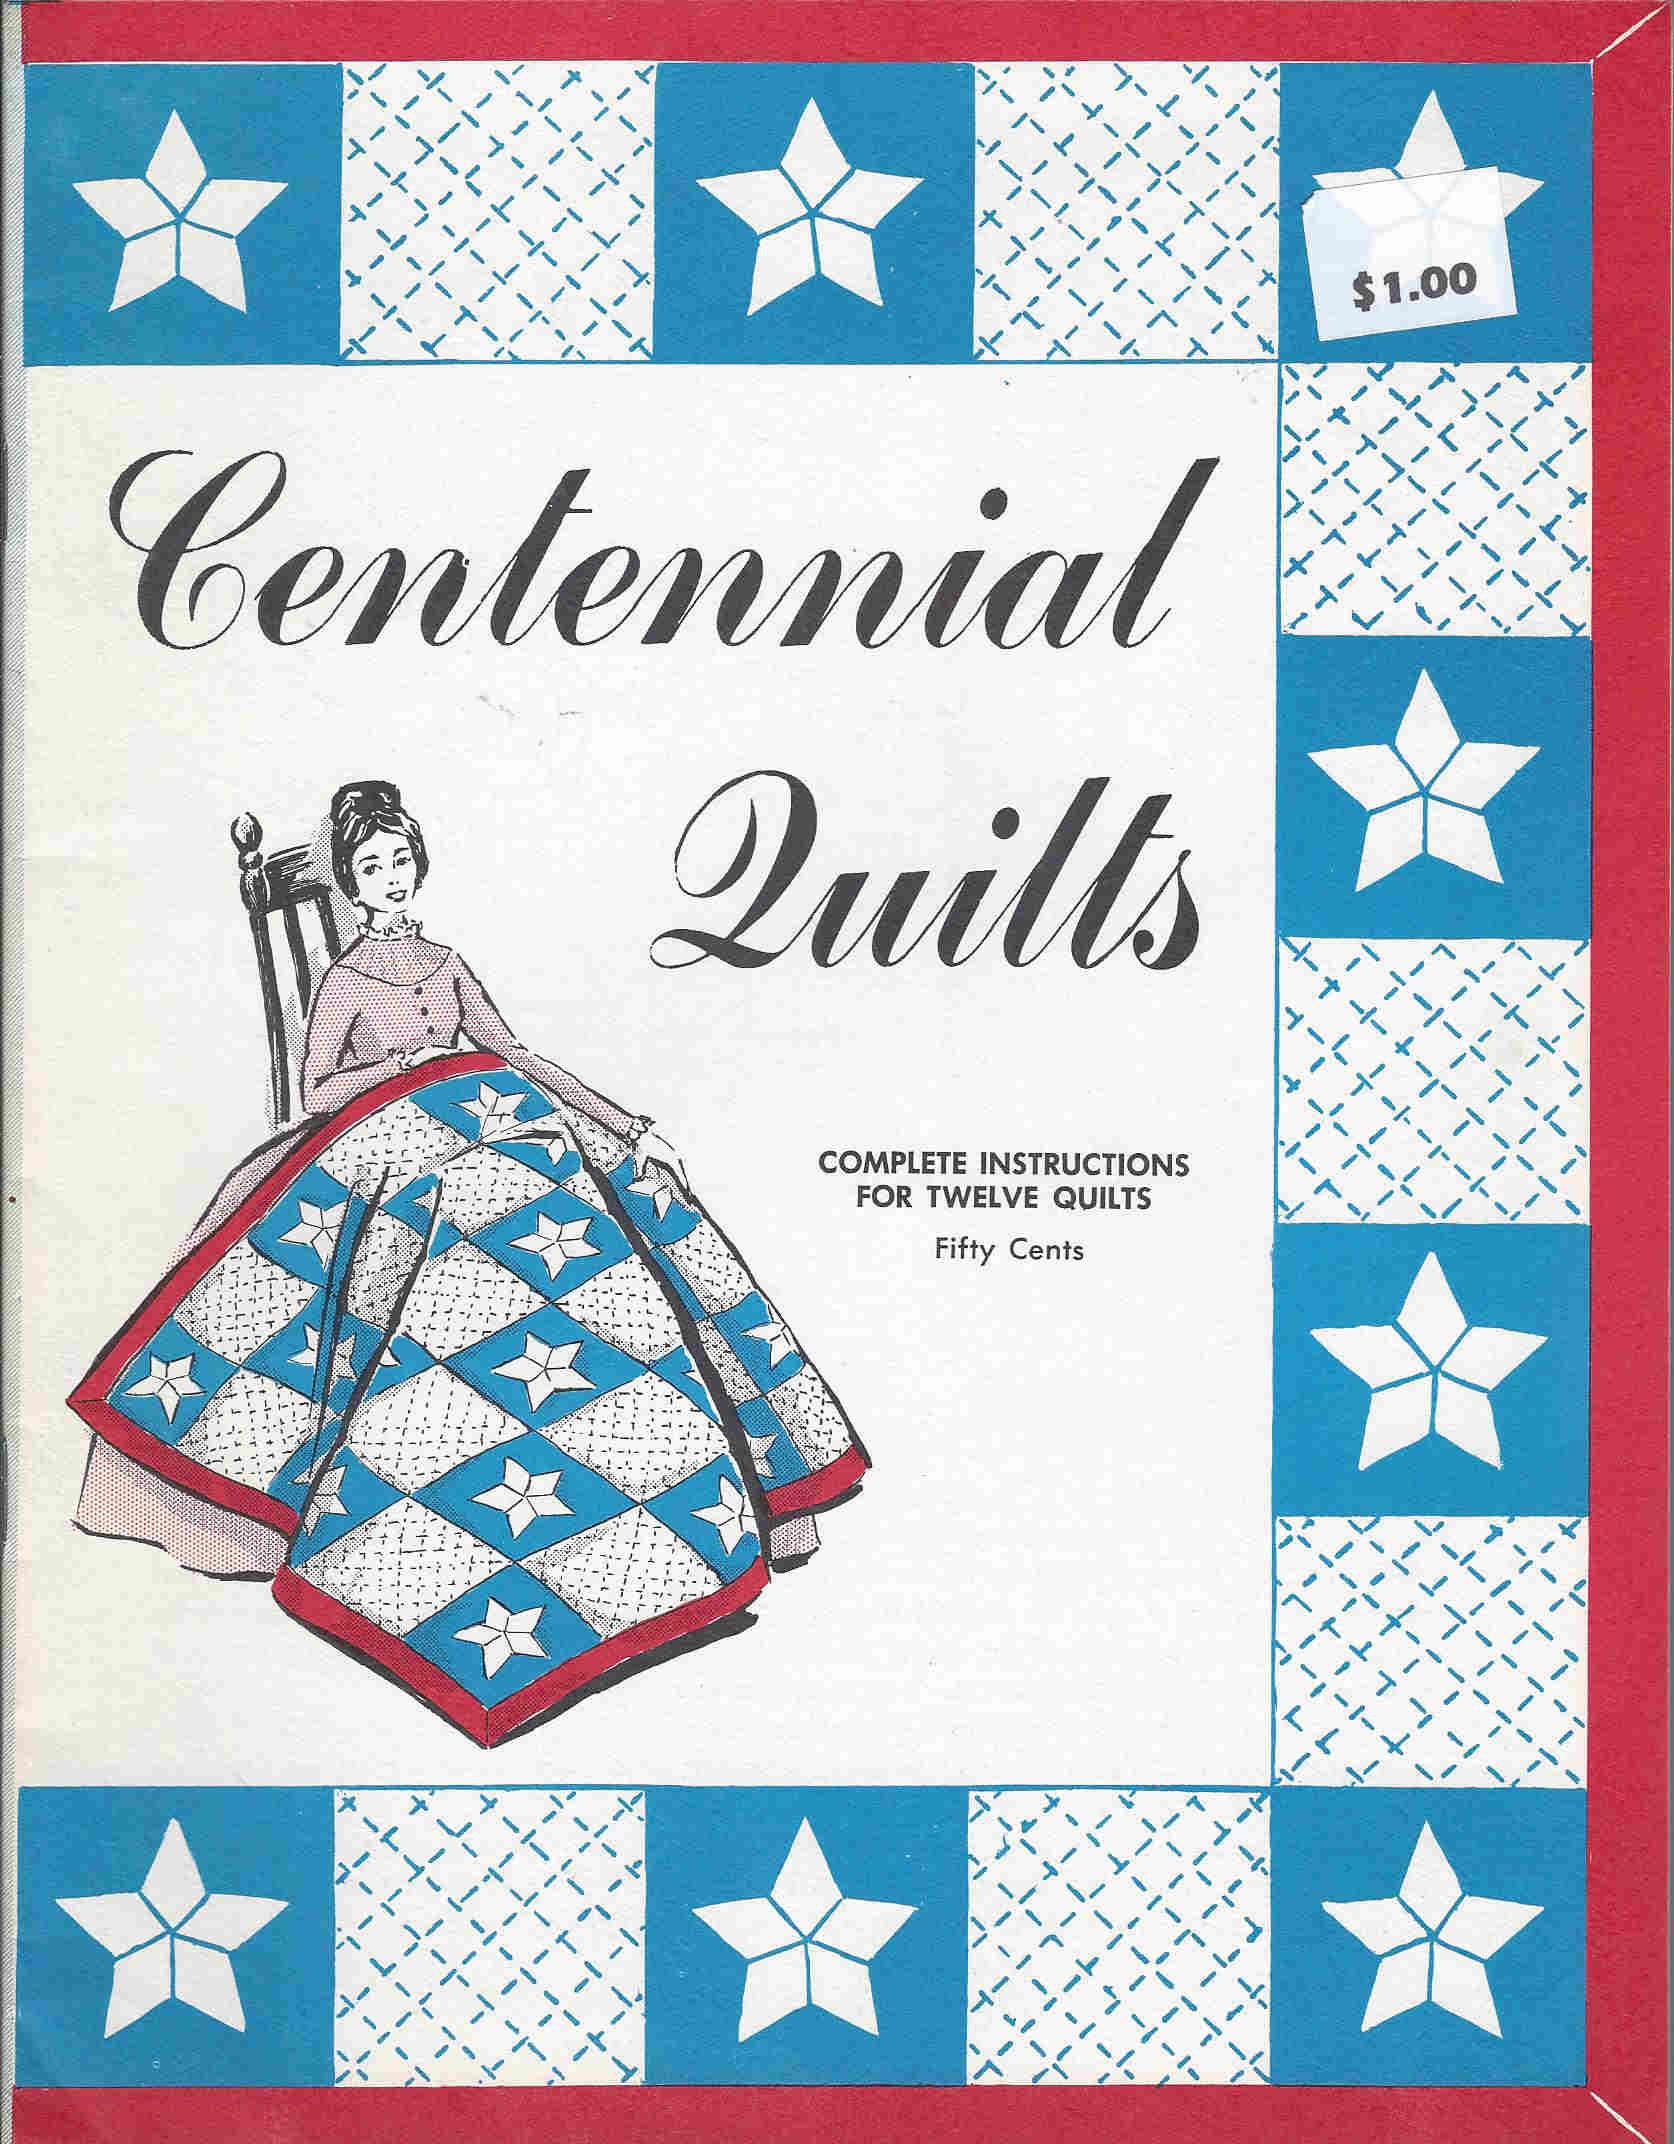 centennial quilts